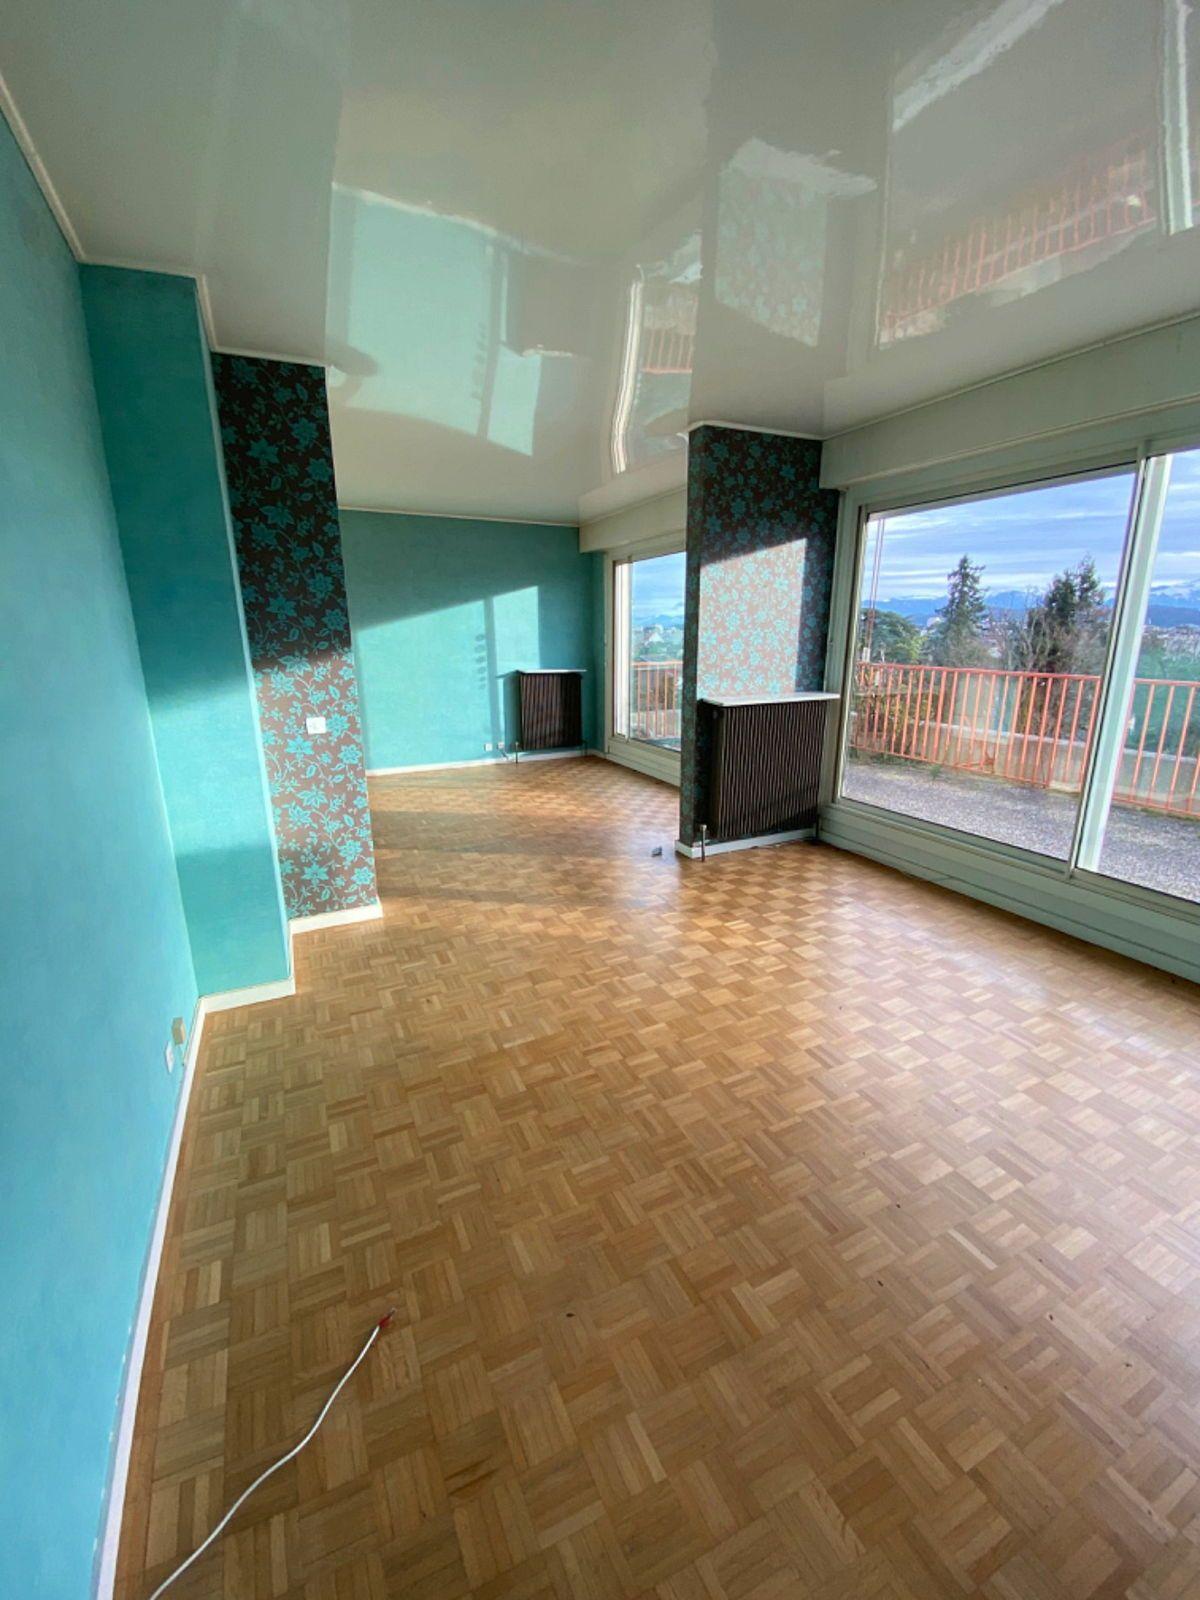 Loue appartement spacieux vue Pyrénées - 2chambres, 80m², Pau (64)